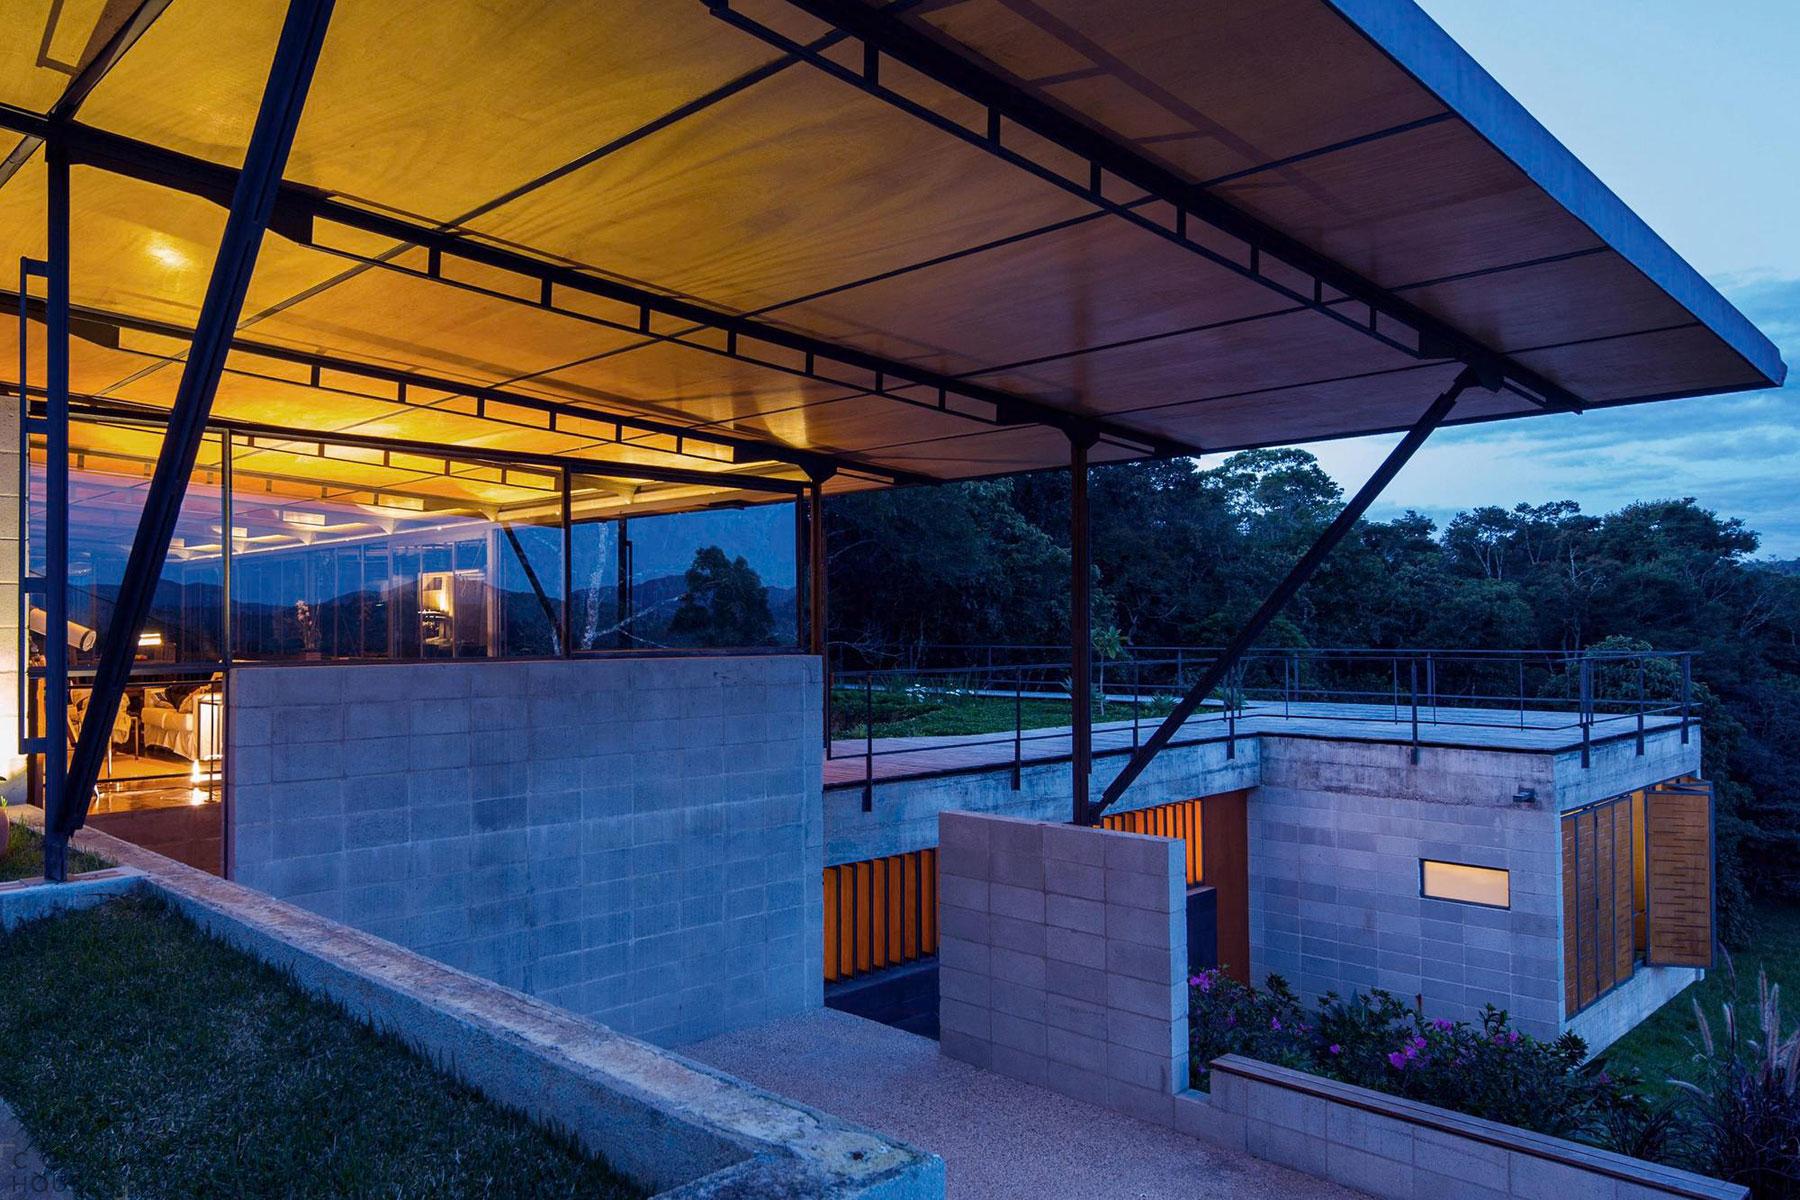 Уникальный особняк в лесном заповеднике в Сьерра-де-Мантикейра, Бразилия